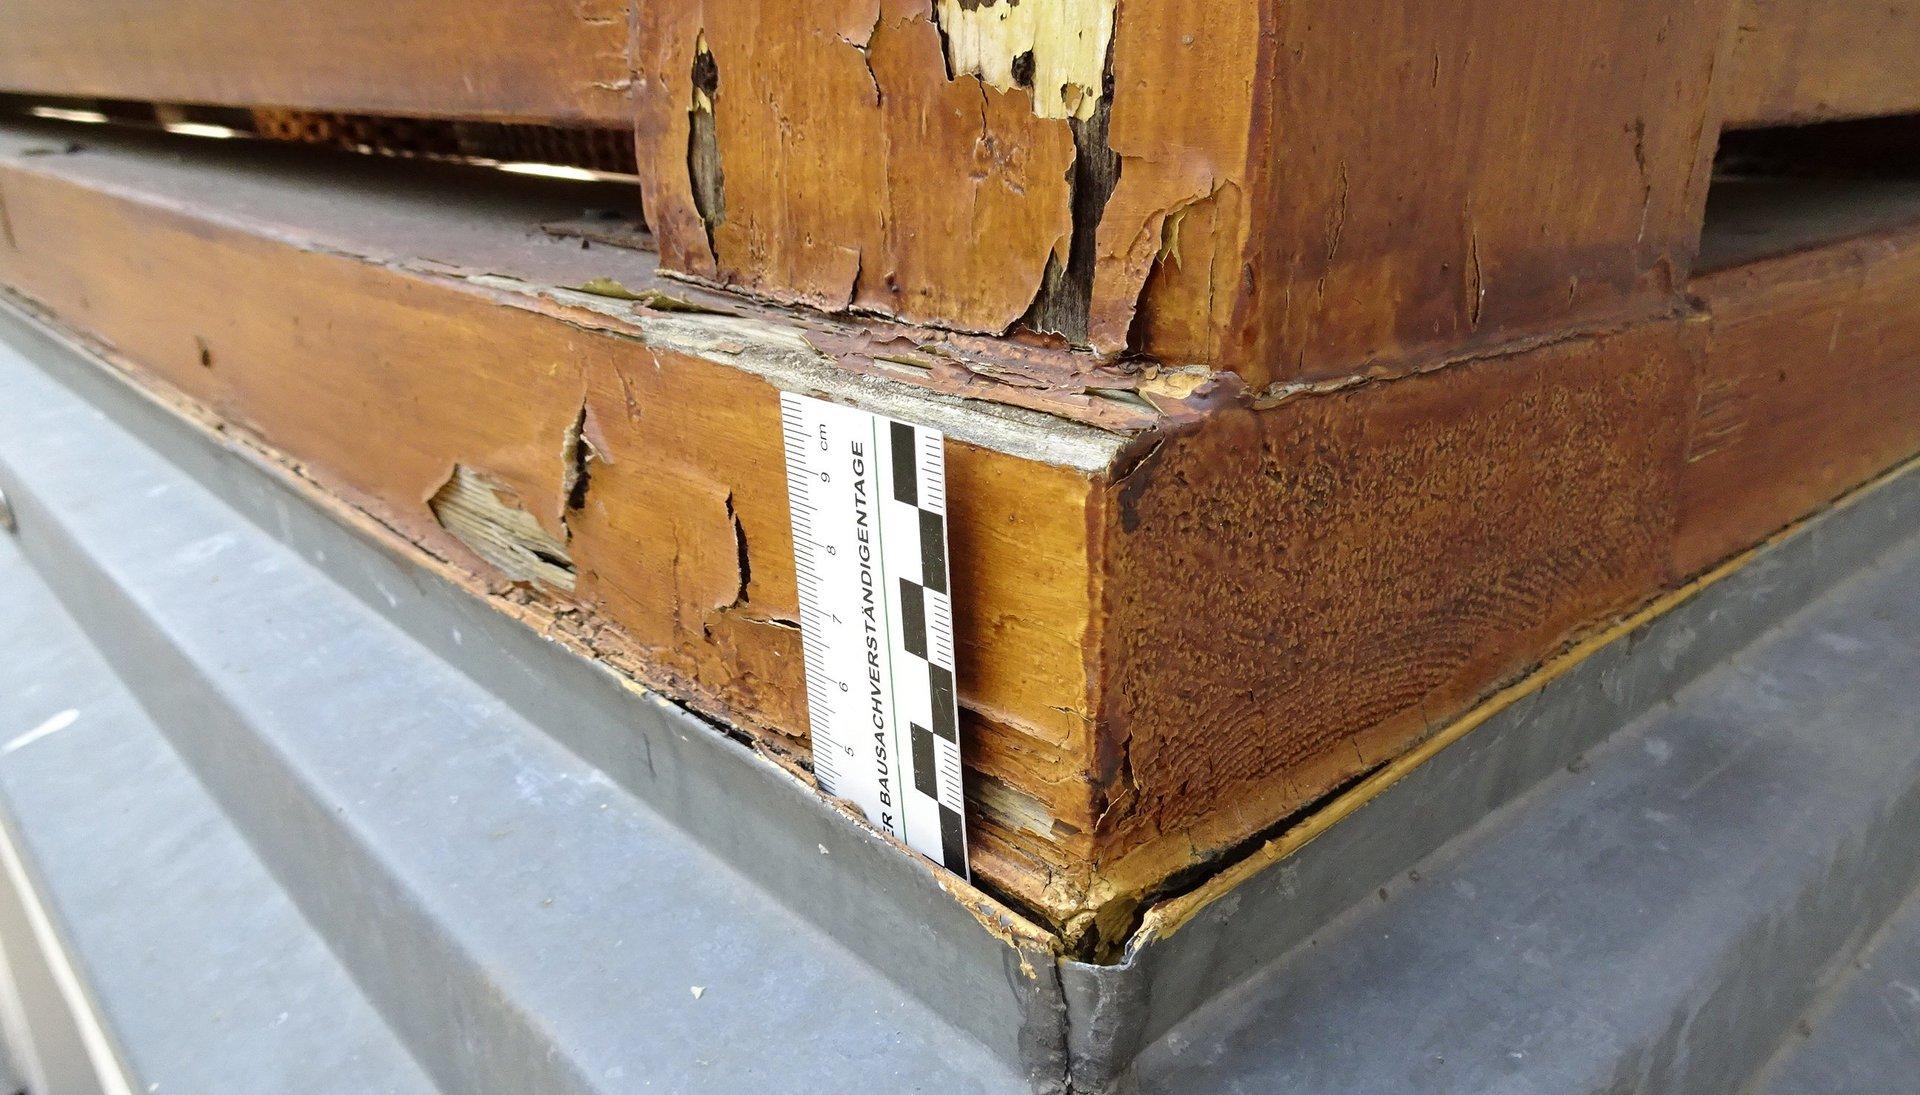 Fußschwelle Holzbalkon Schaden an einer Fußschwelle, Regenwasser nicht ablaufen konnte, die Blechverkleidung hat den Schaden beschleunigt